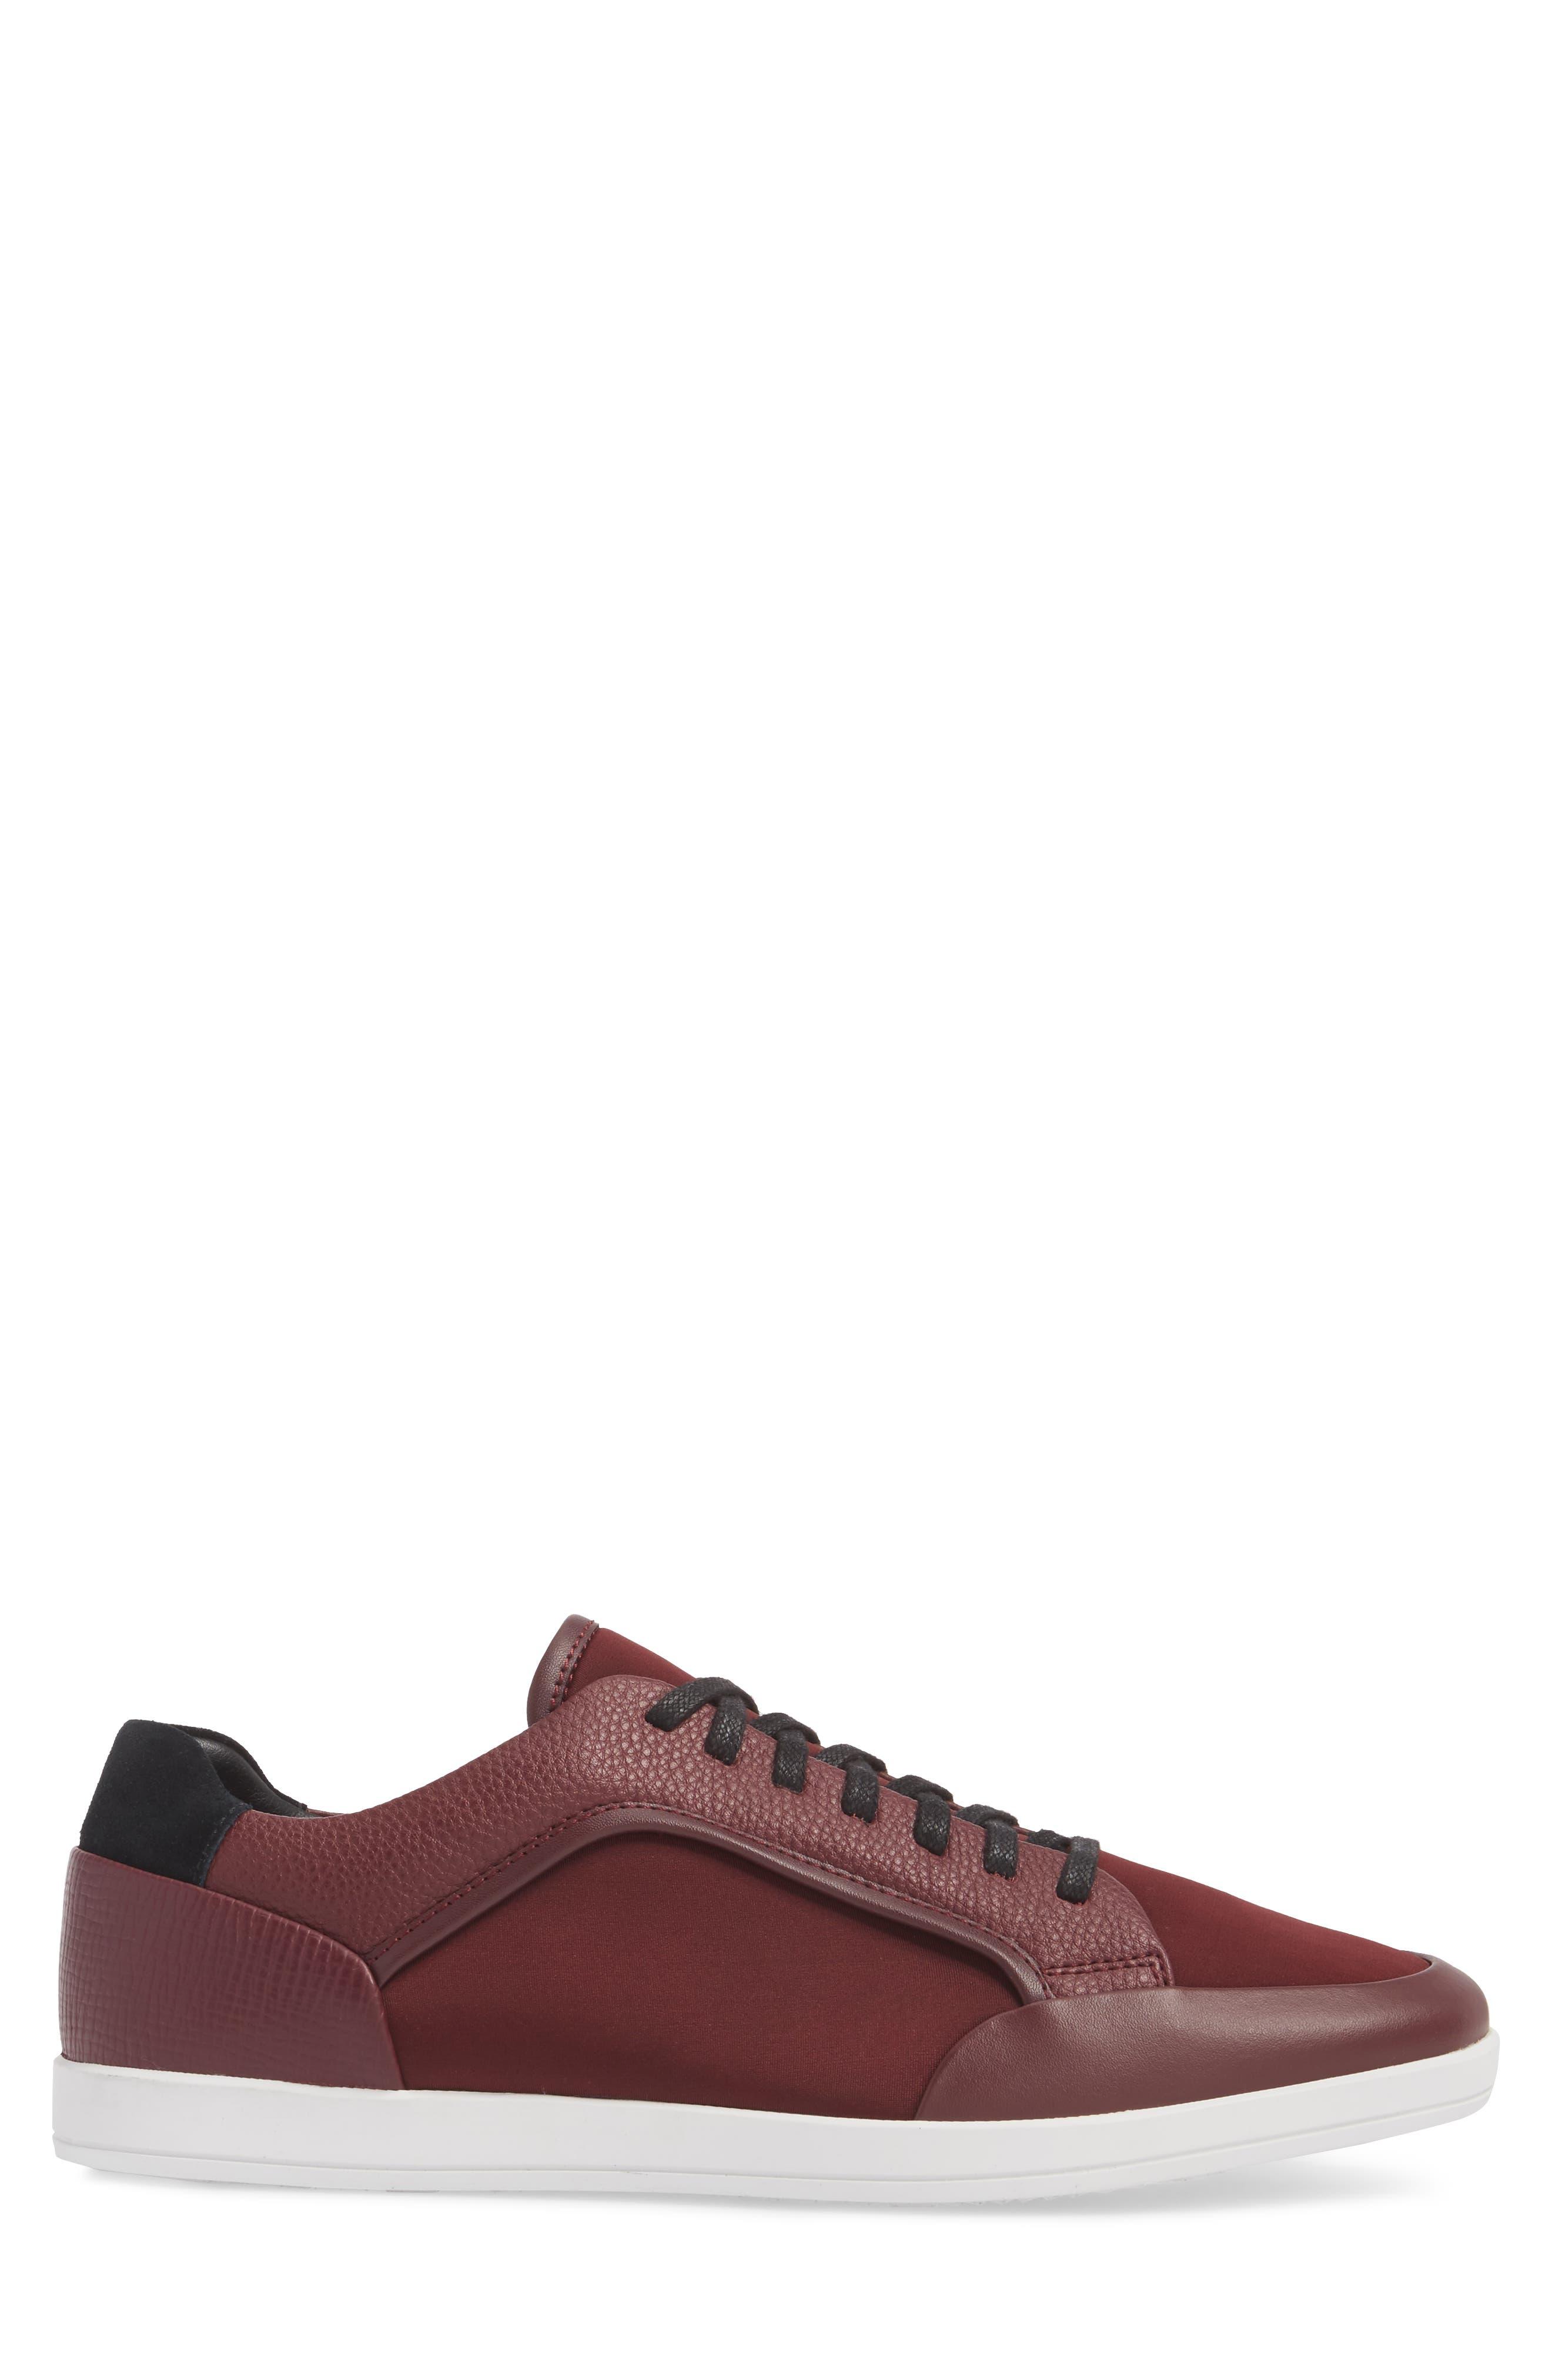 Masen Sneaker,                             Alternate thumbnail 15, color,